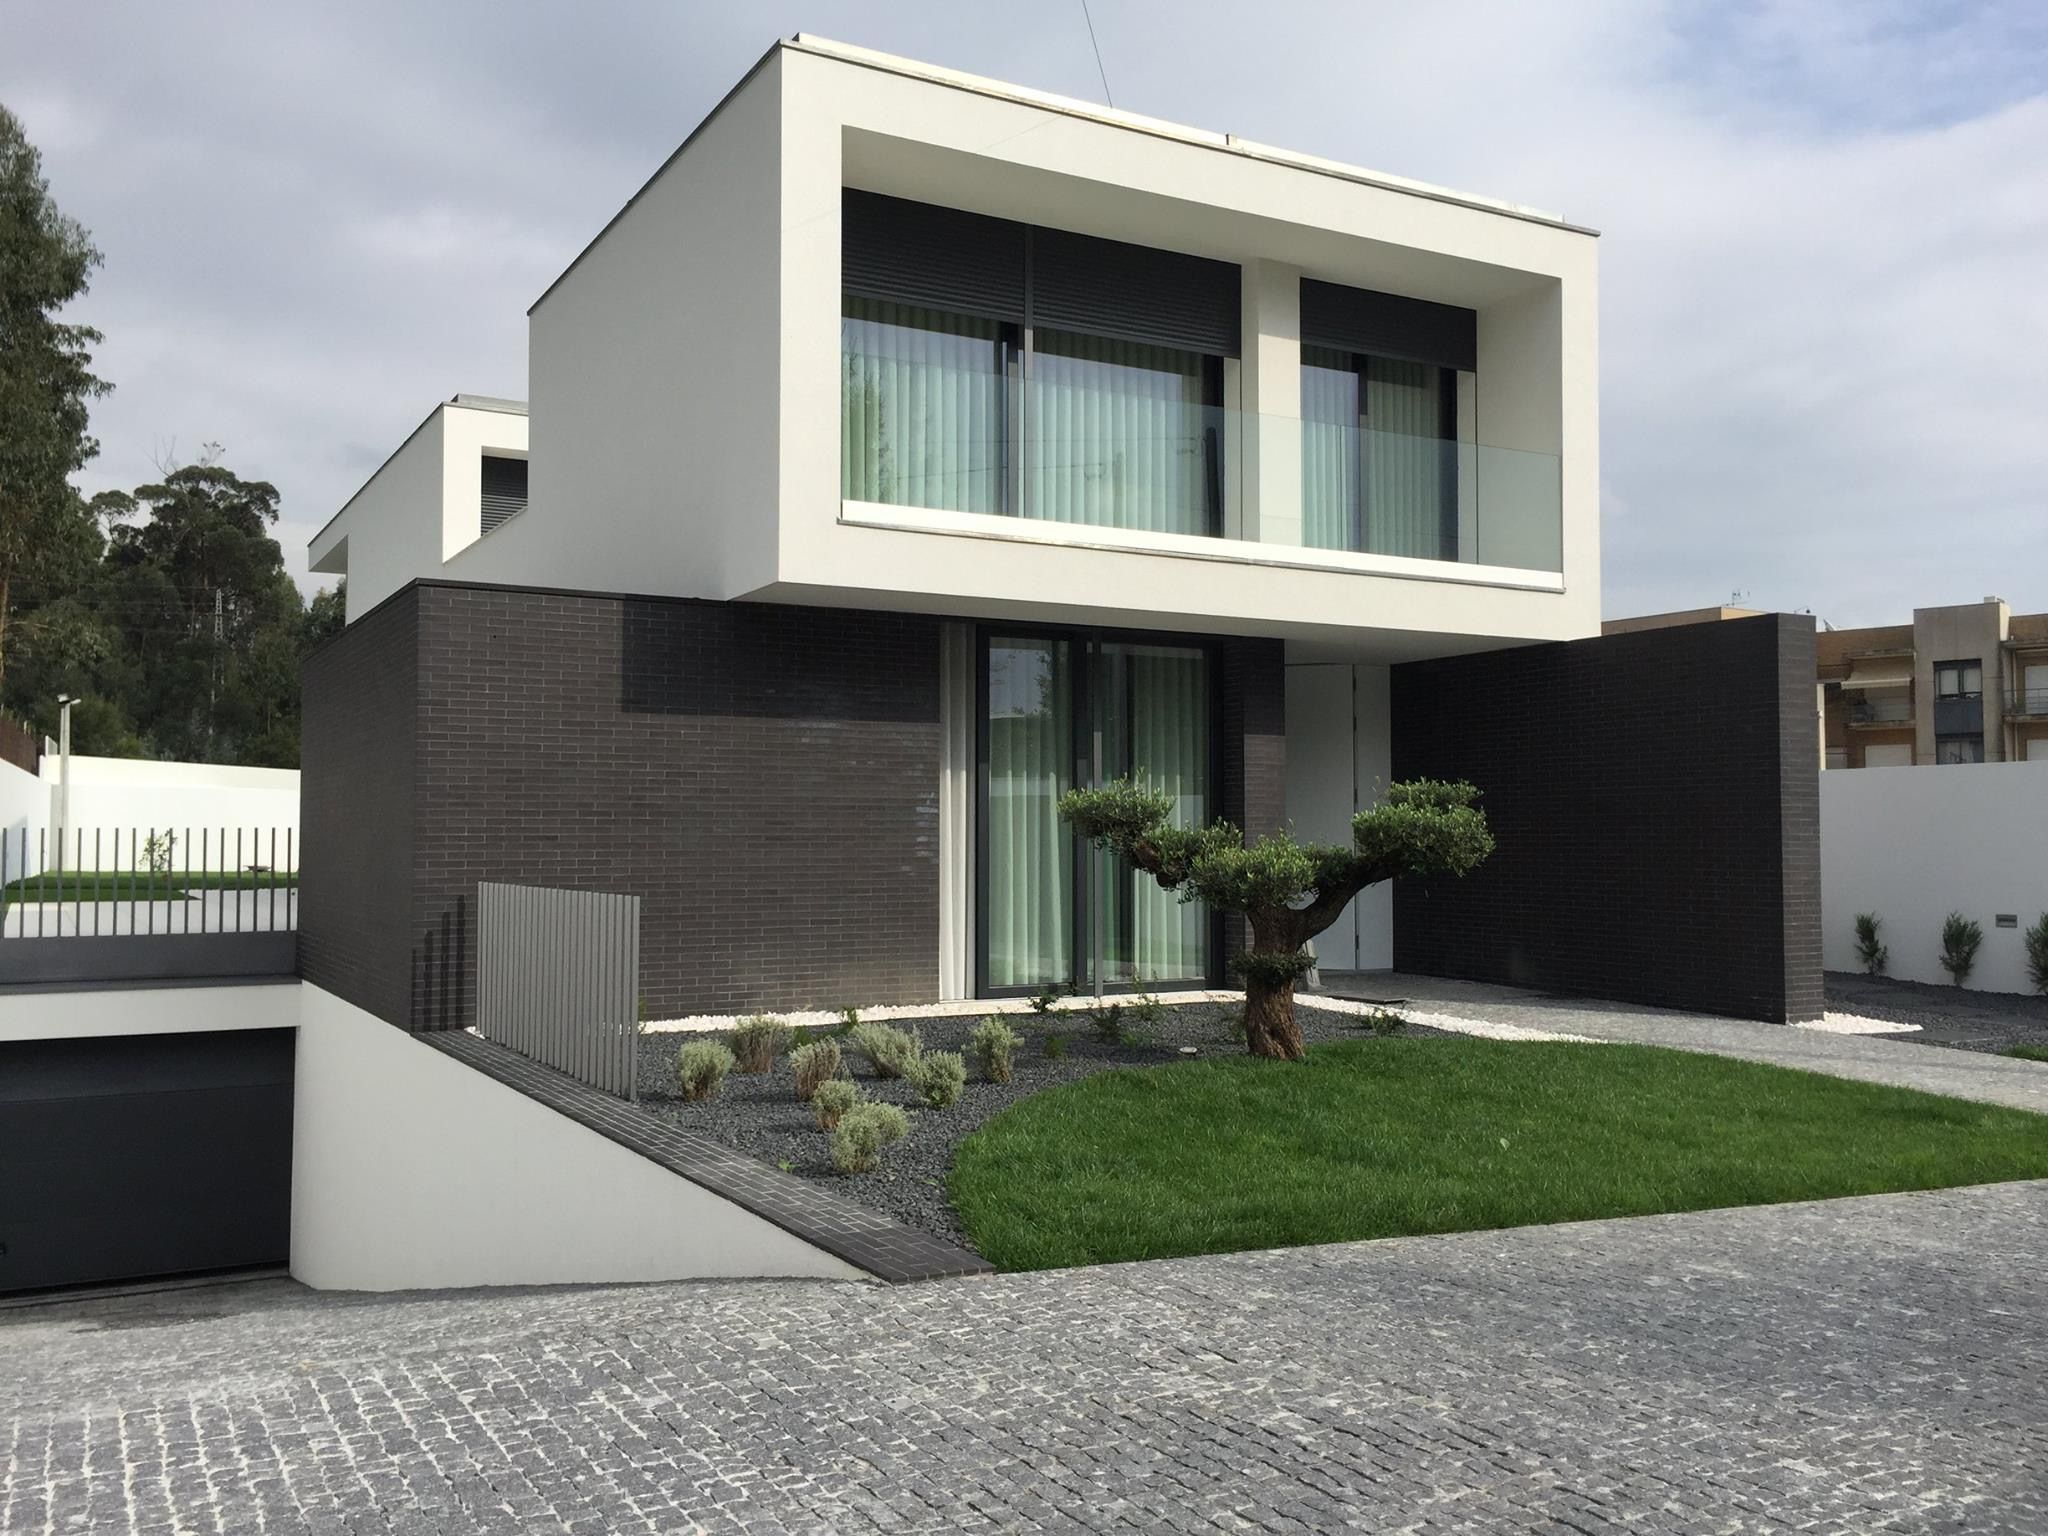 Pin de martin arellano en arquitectura moderna pinterest for Arquitectura de casas modernas de una planta